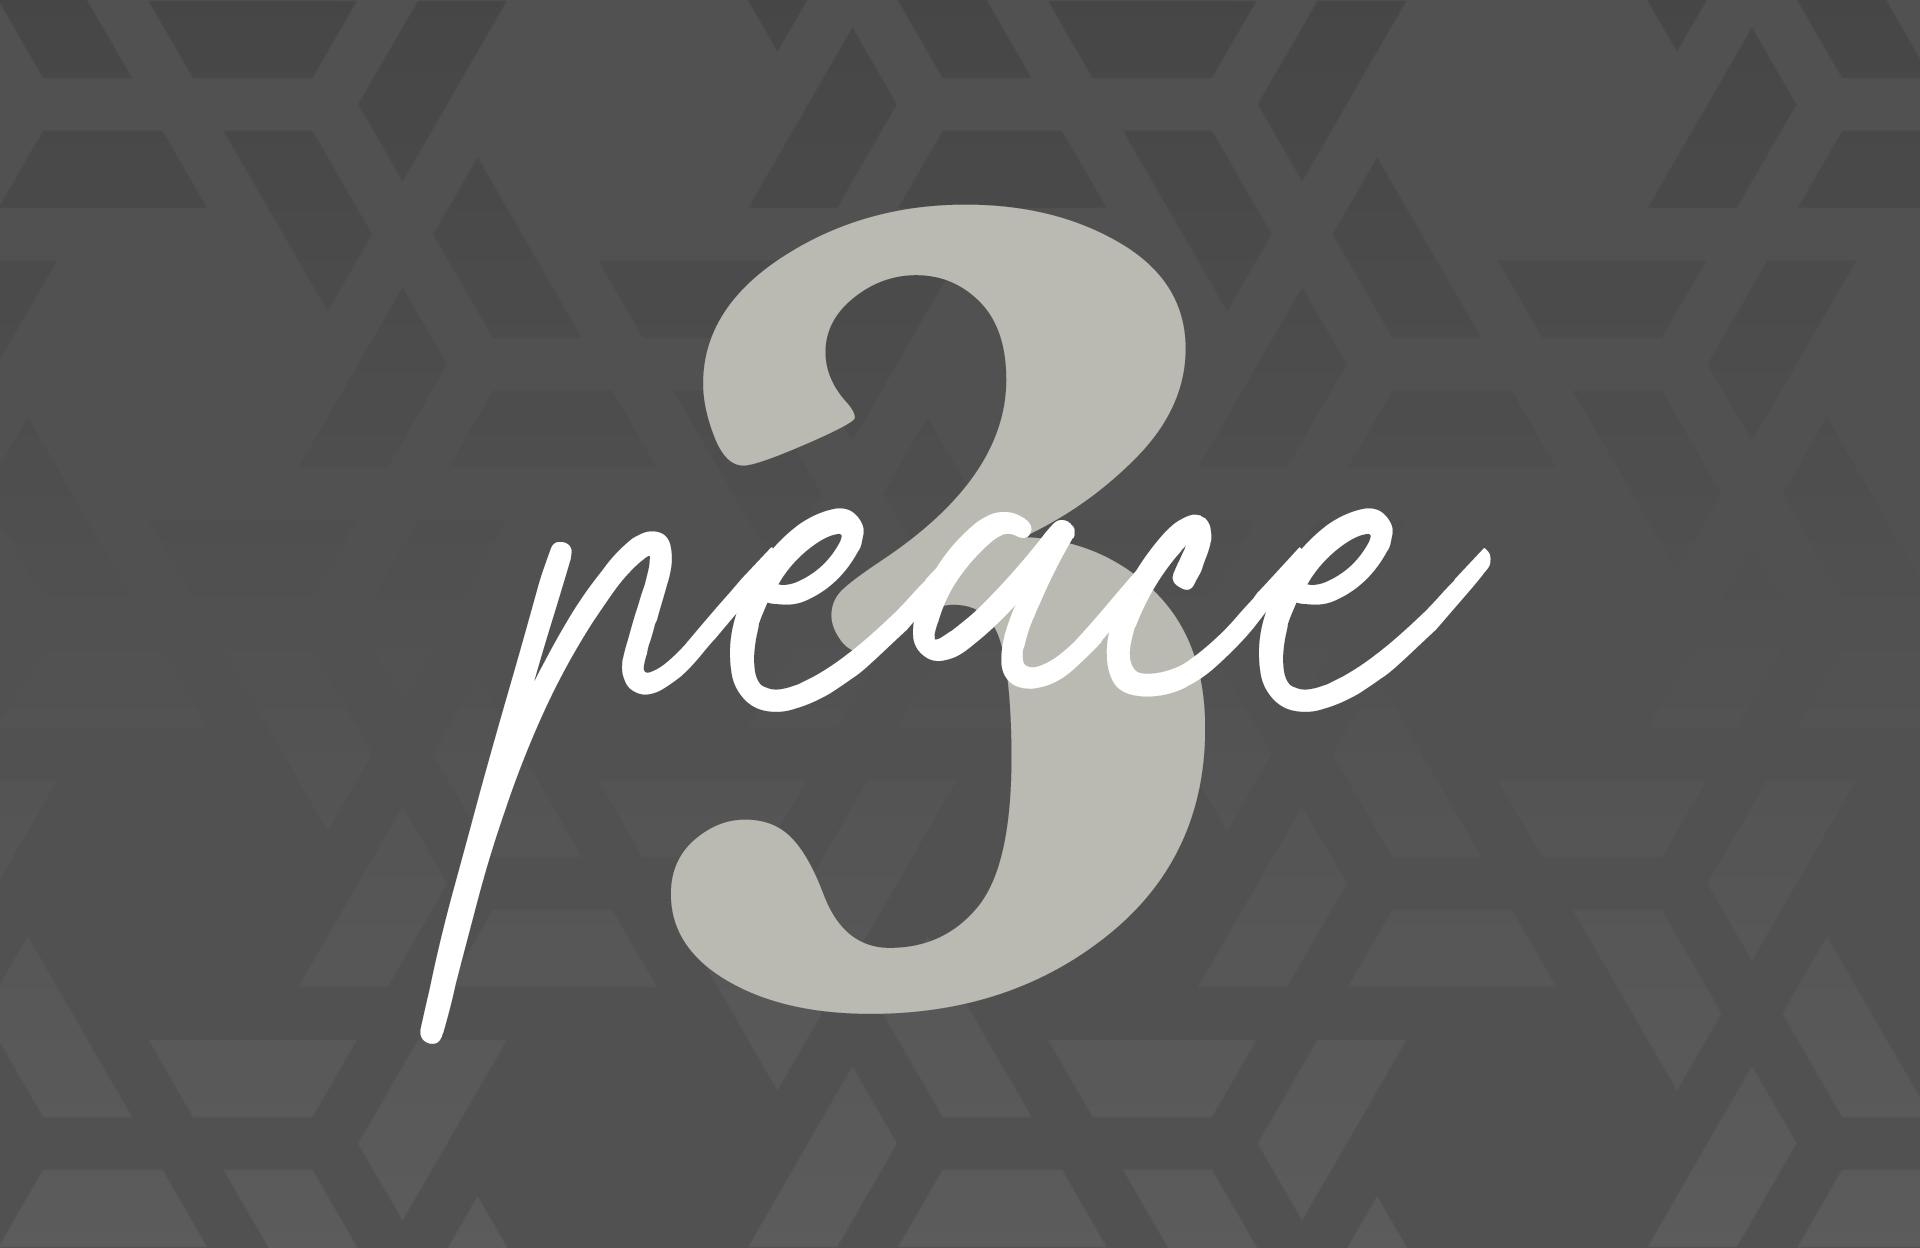 Day Three: Peace